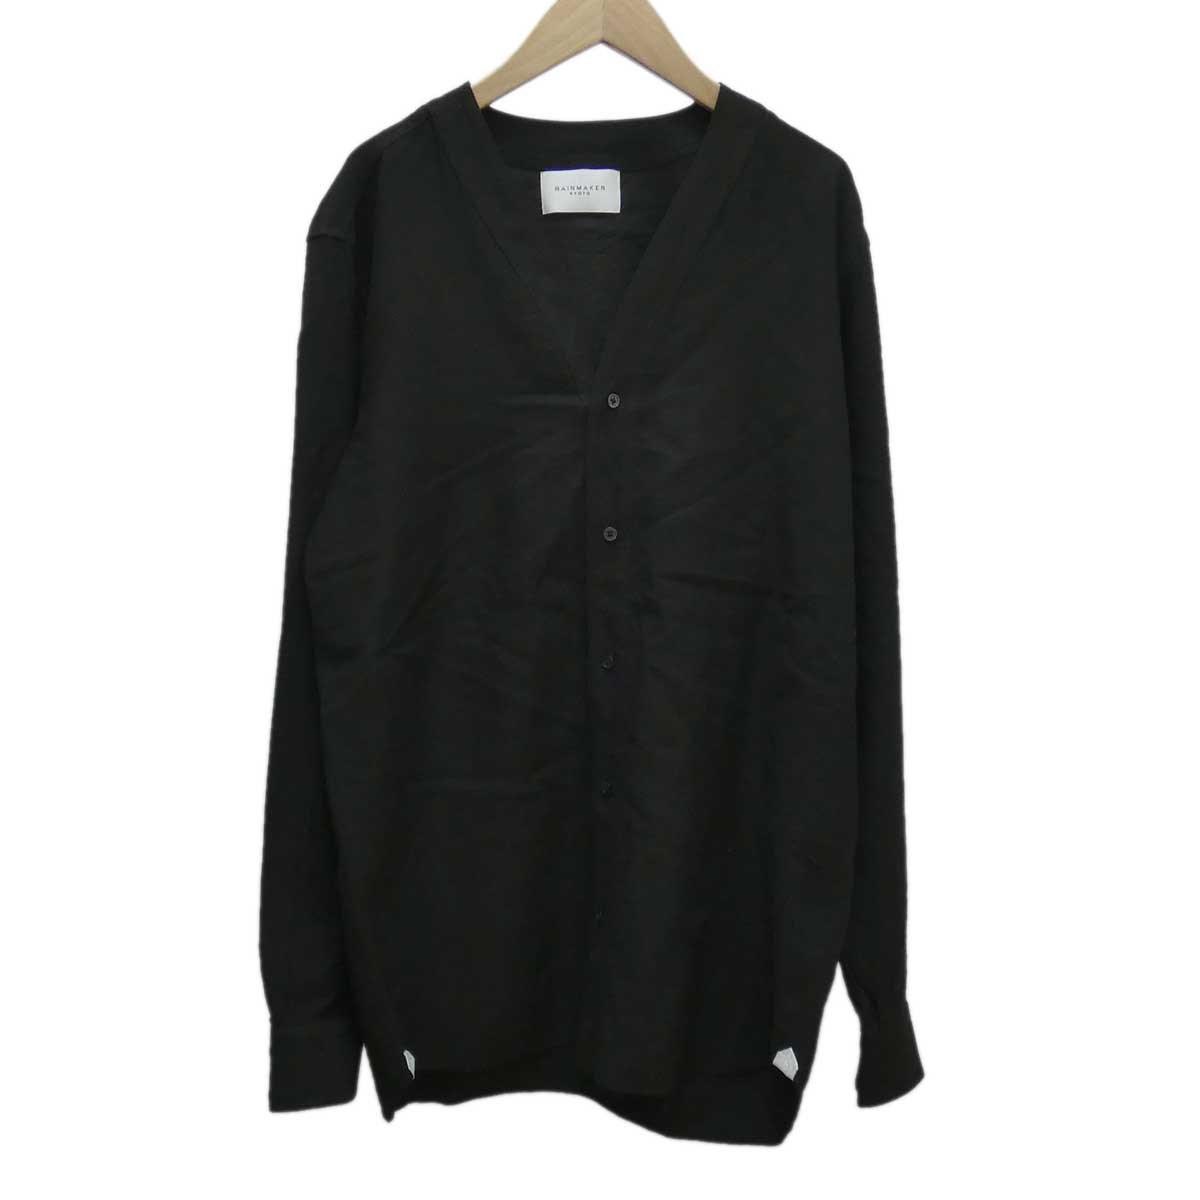 【中古】RAINMAKER レーヨンノーカラーシャツ RM182-010 ブラック サイズ:5 【190420】(レインメーカー)